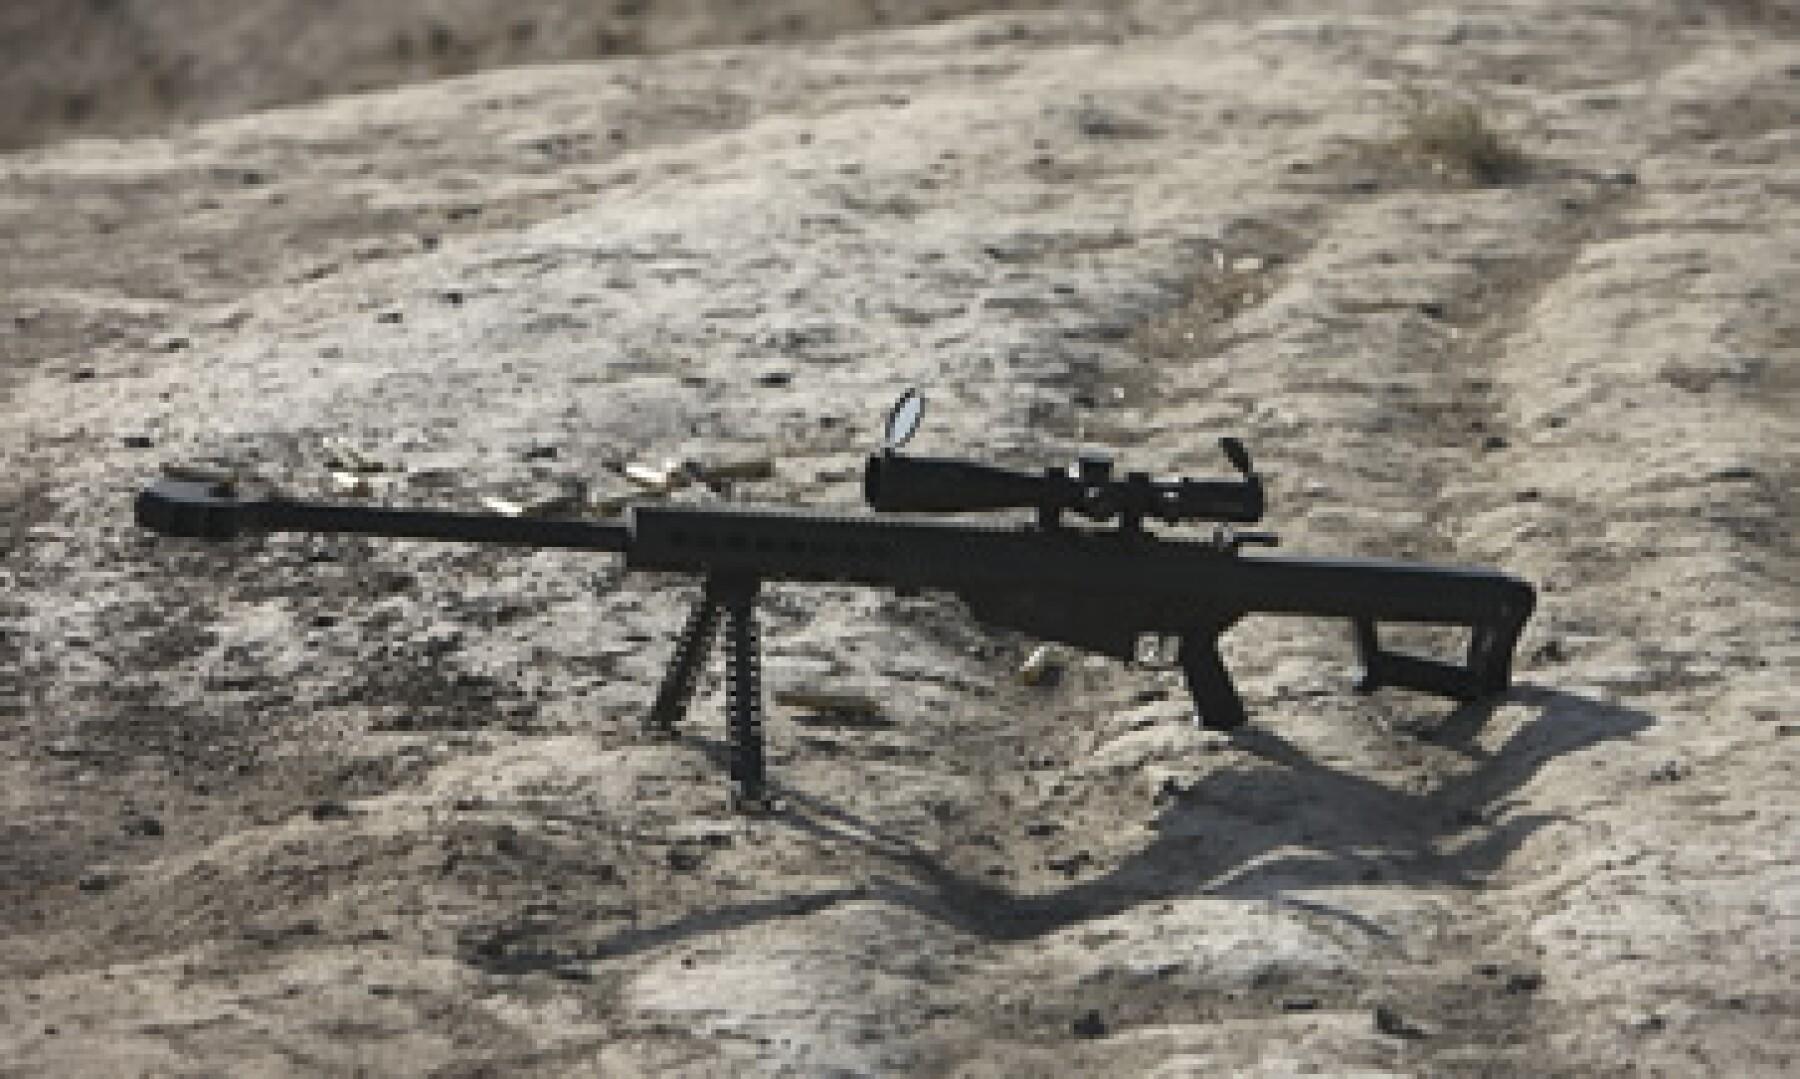 Varios vendedores del sur de Florida dijeron que subieron las ventas de pistolas y fusiles de asalto en los últimos días. (Foto: Getty Images)